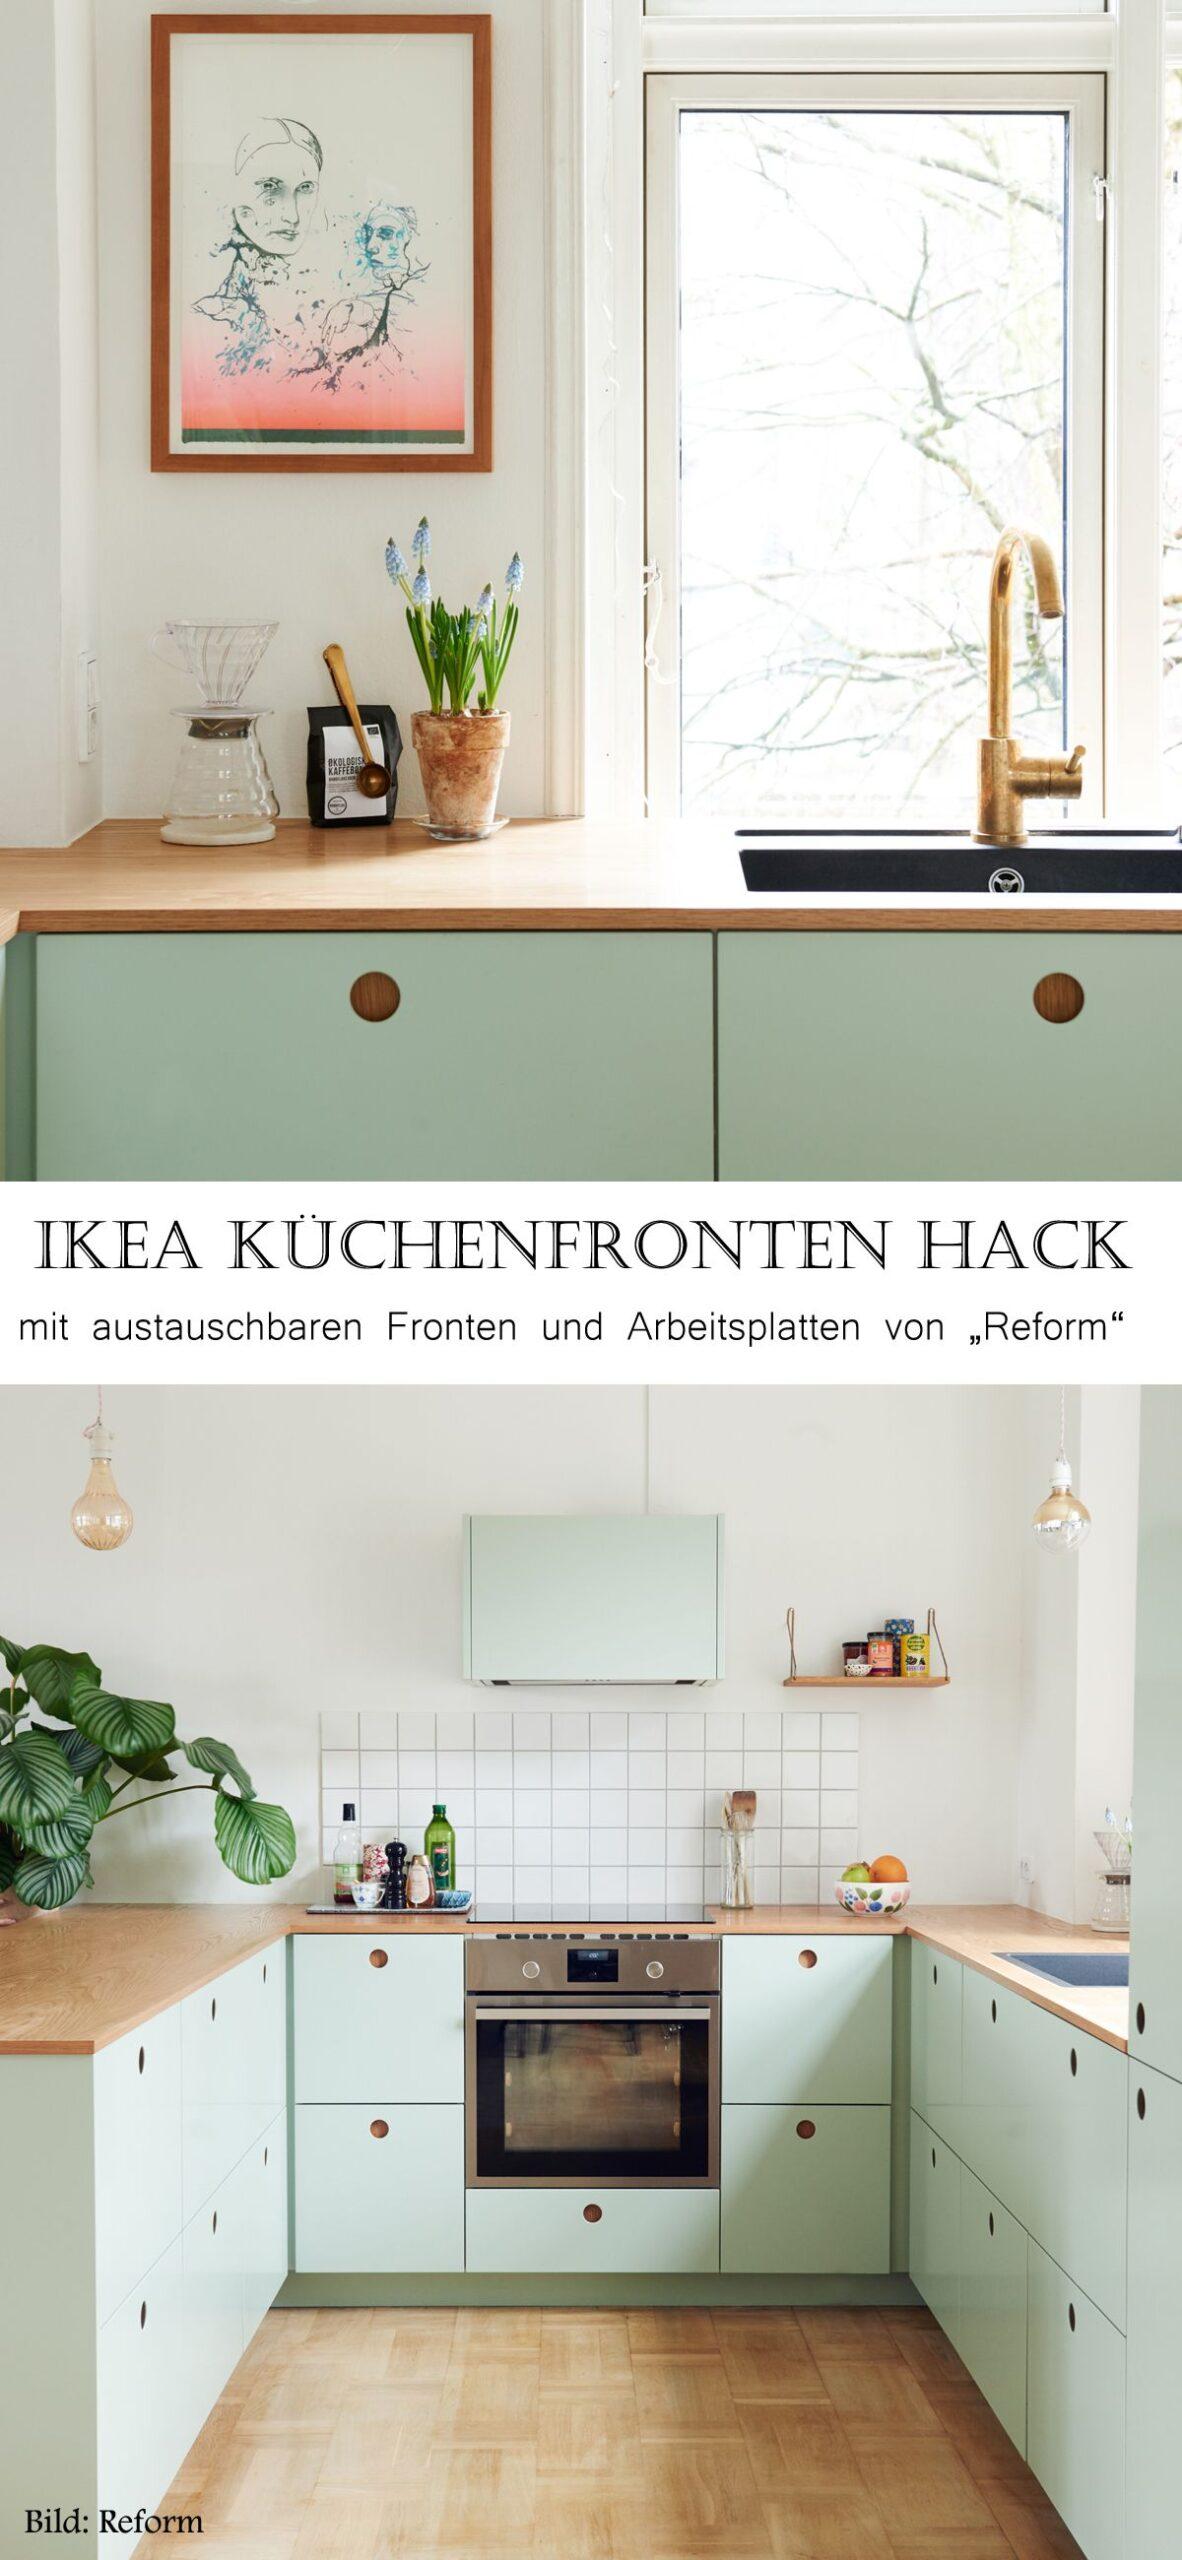 Full Size of Ikea Küche Faktum Landhaus Fronten Fr Kche Kelsebo Selber Planen Kaufen Hängeschrank Vinylboden Essplatz Arbeitsplatte Ohne Elektrogeräte Vinyl Spritzschutz Wohnzimmer Ikea Küche Faktum Landhaus